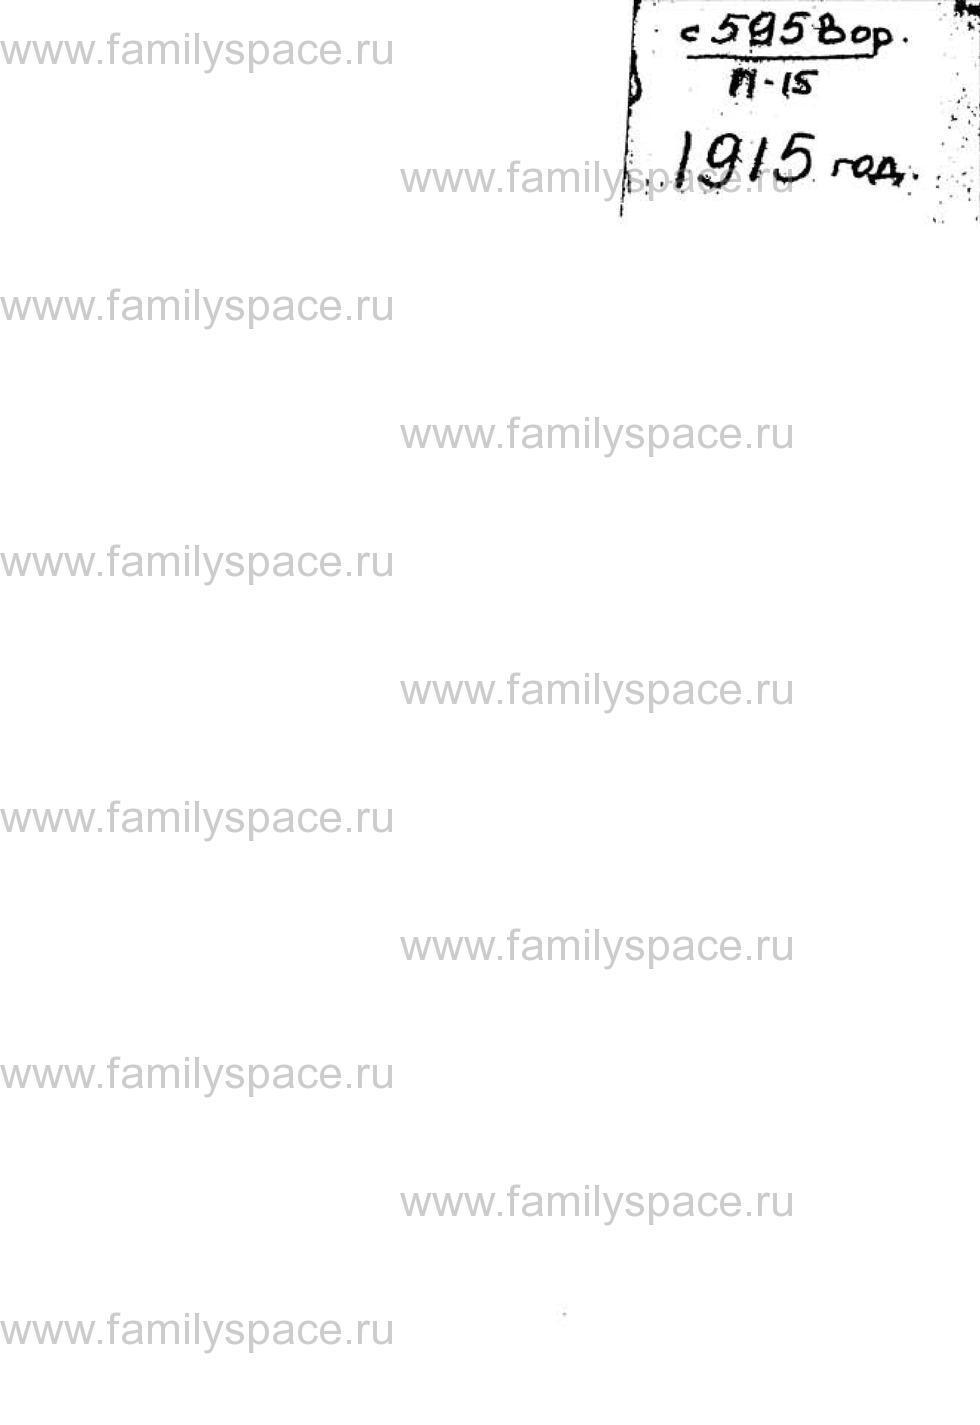 Поиск по фамилии - Памятная книжка Воронежской губернии на 1915 год, страница 6009